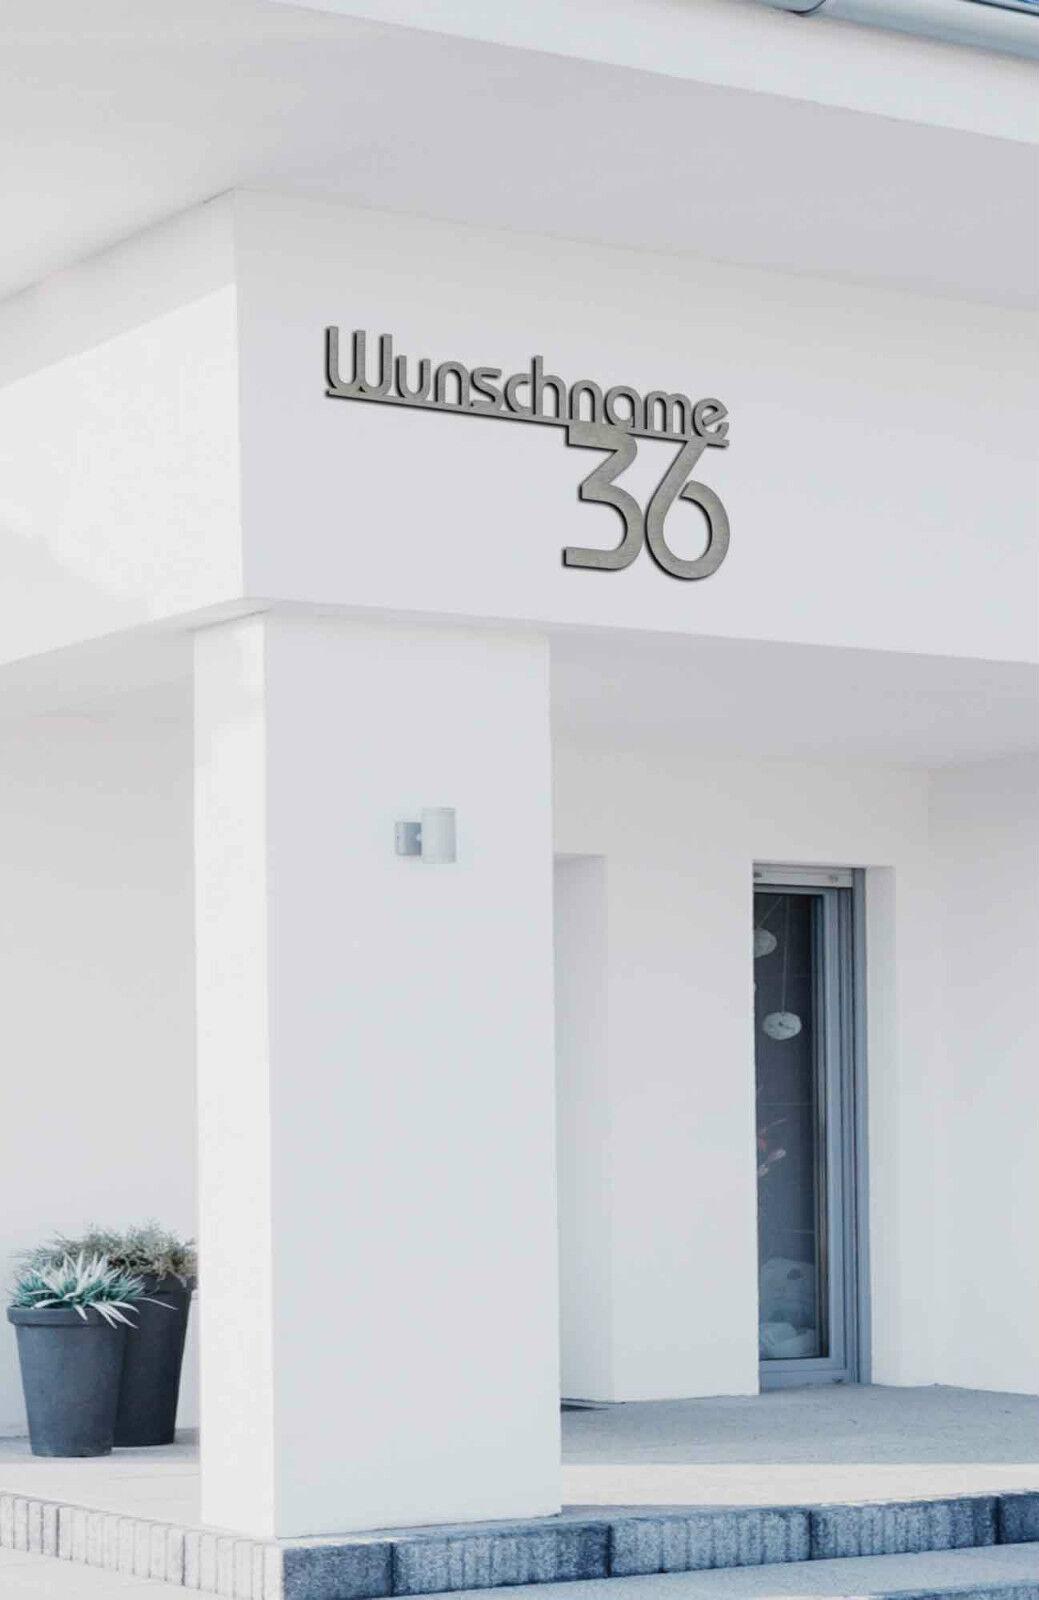 HAUSNUMMER Edelstahl,EDELSTAHLHAUSNUMMER, 50cm,60cm,80cm,LED ALEZZIO OPTIONAL